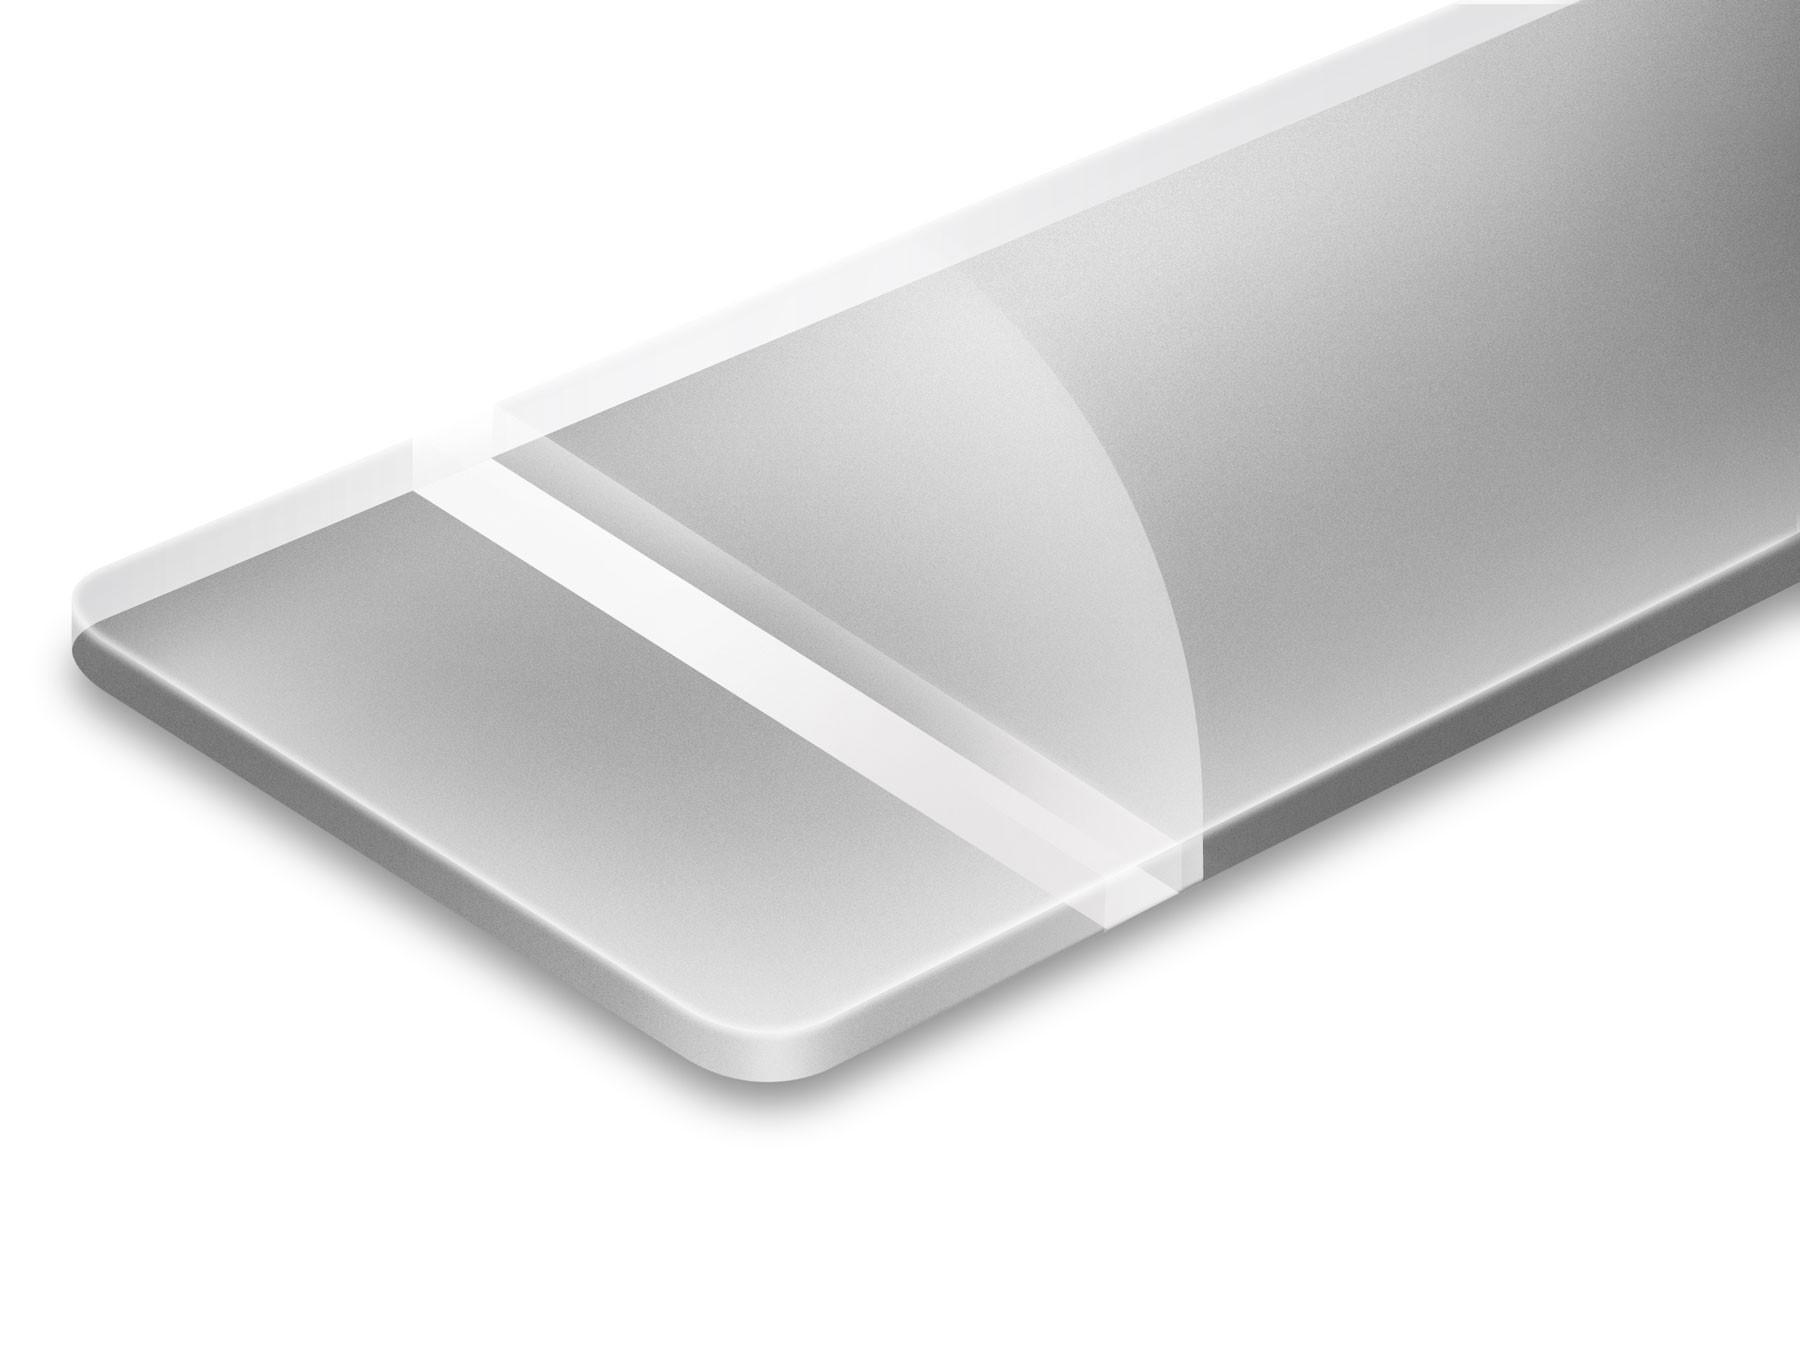 Trasparente/Argento 3,2mm